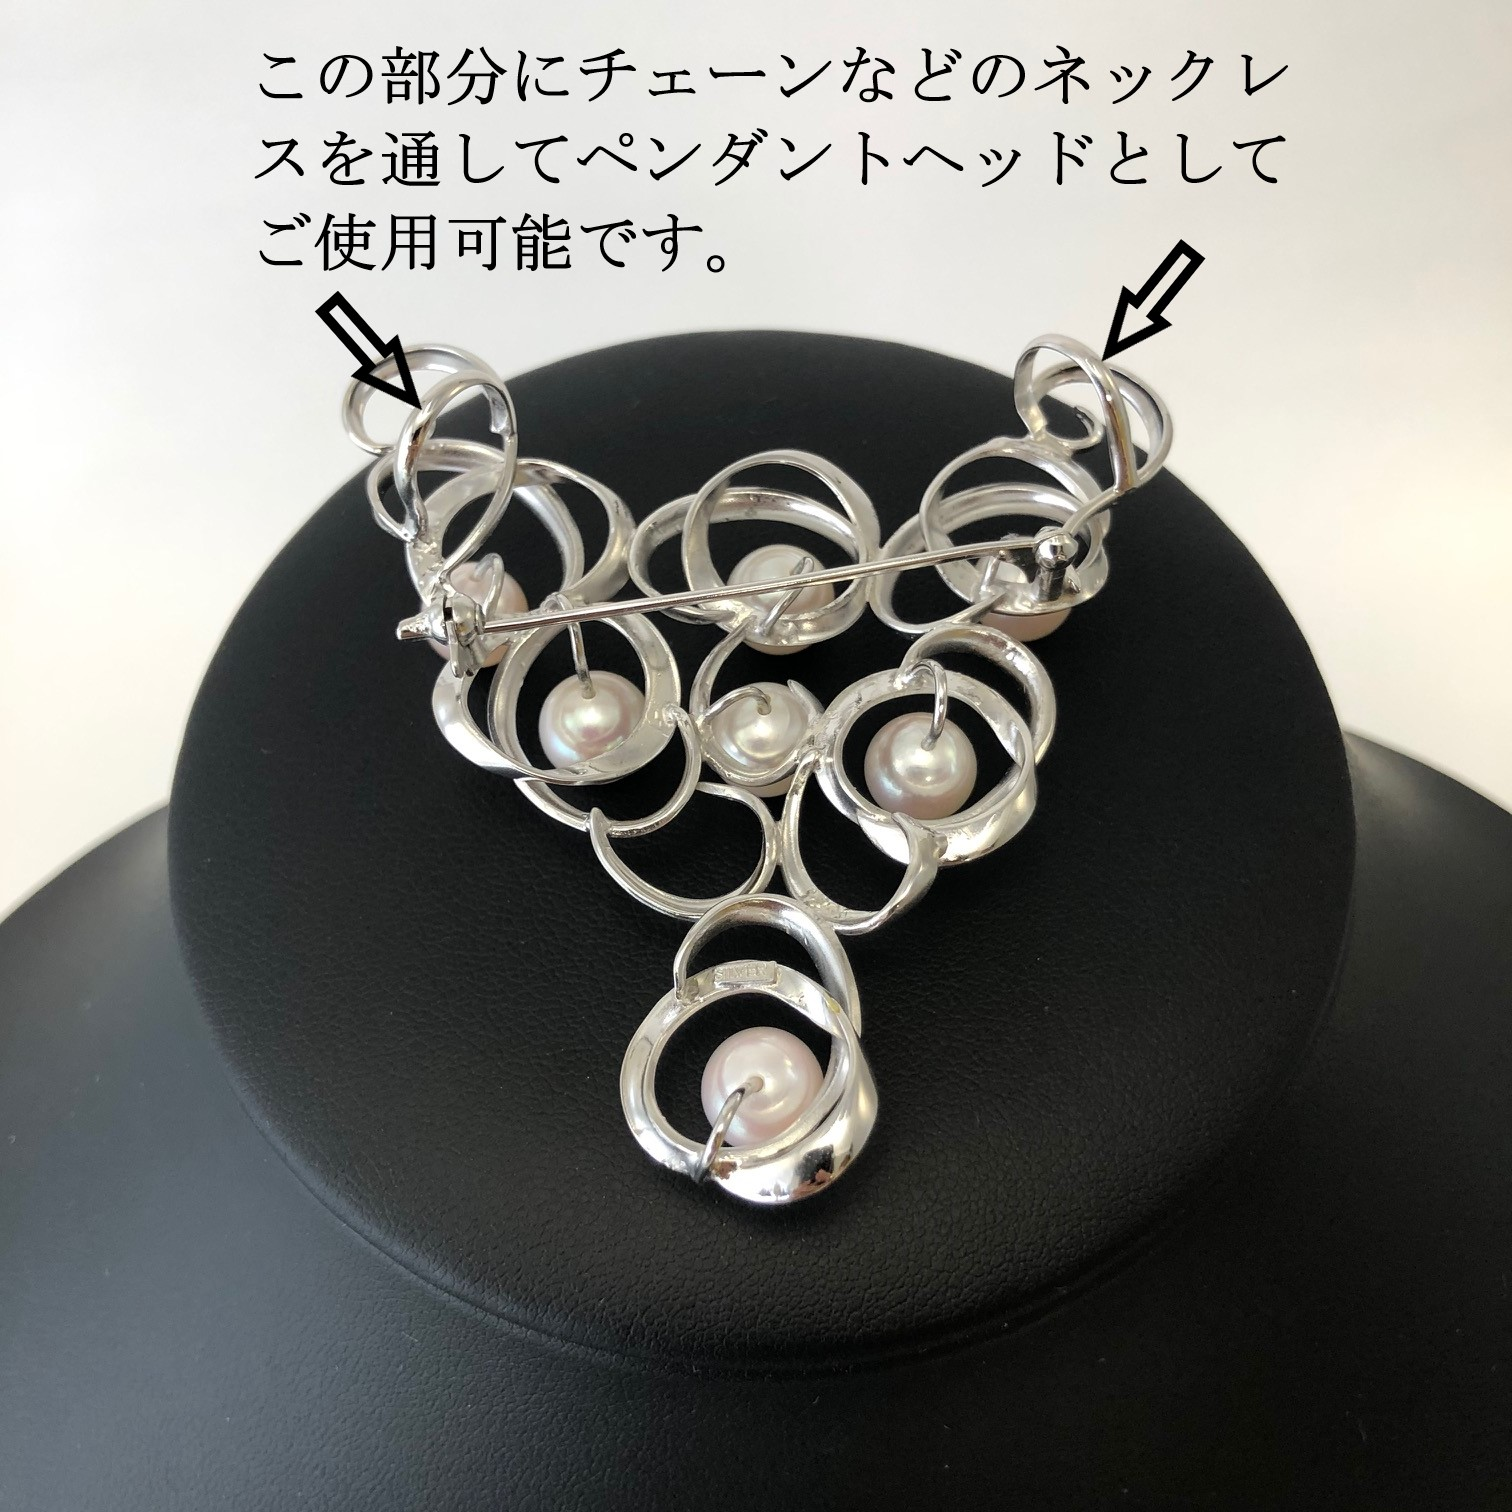 【080-13】志摩産アコヤ真珠7.5mm7個付ブローチ*